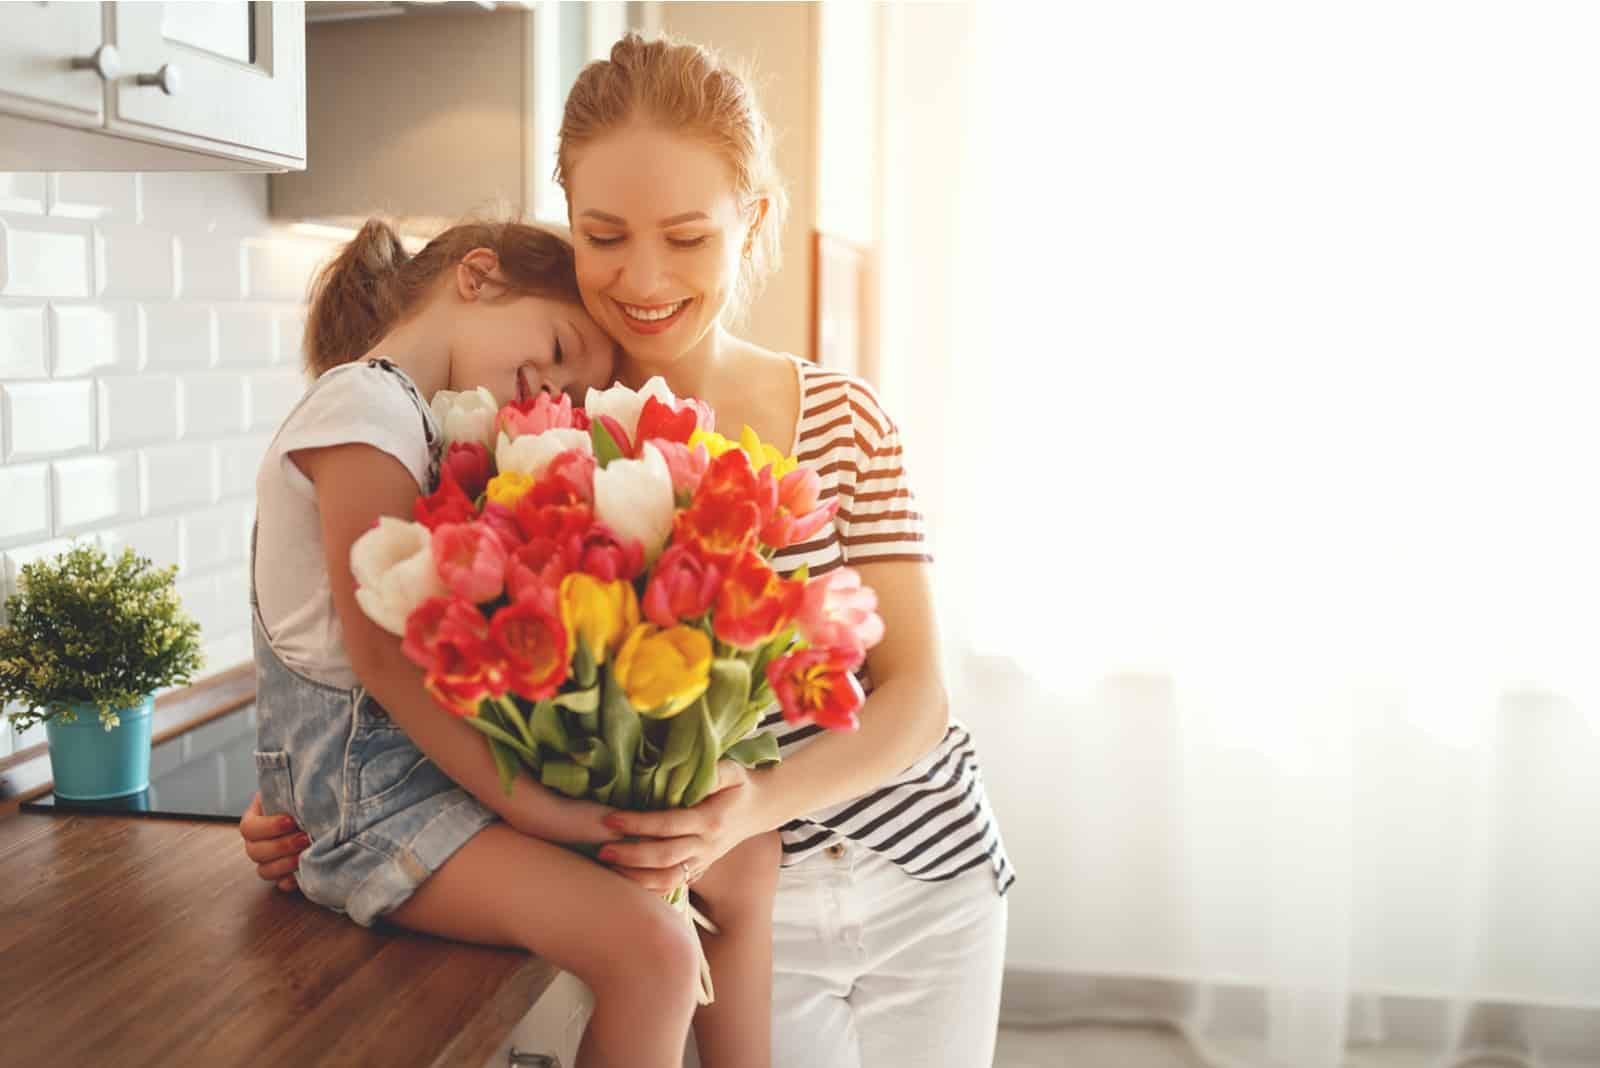 sa fille a acheté un bouquet de roses à sa mère